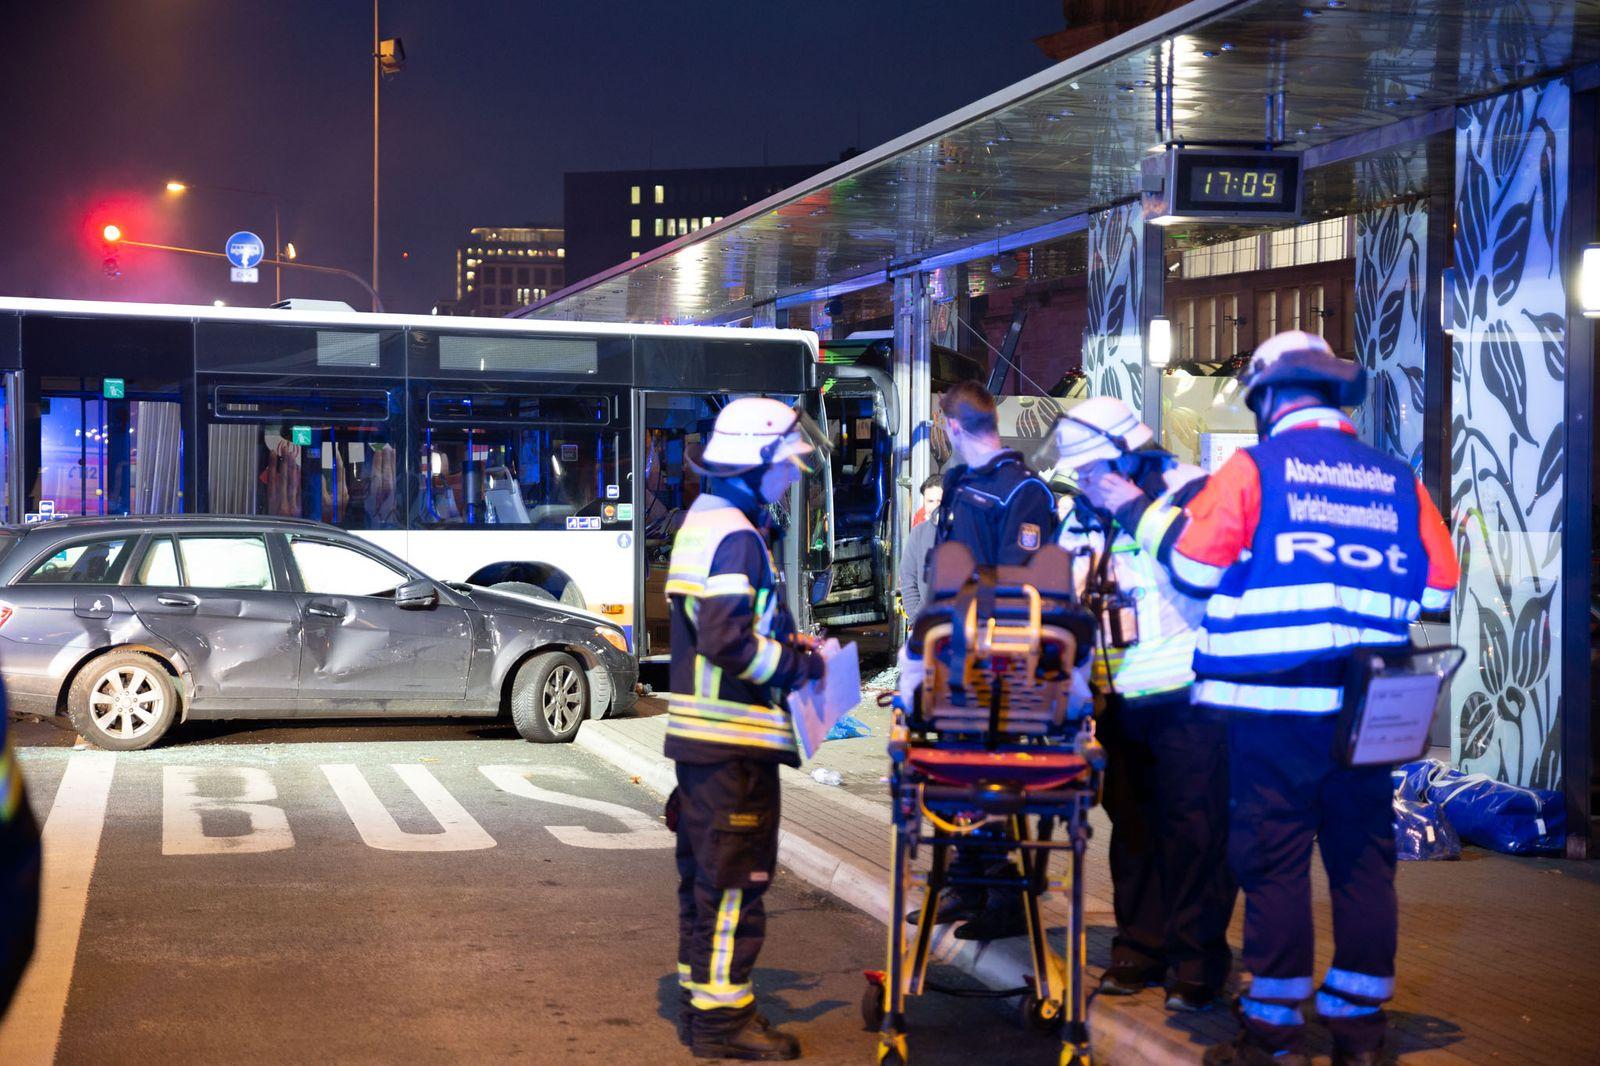 16 Verletzte bei Unfall in Wiesbaden mit Bussen und Autos